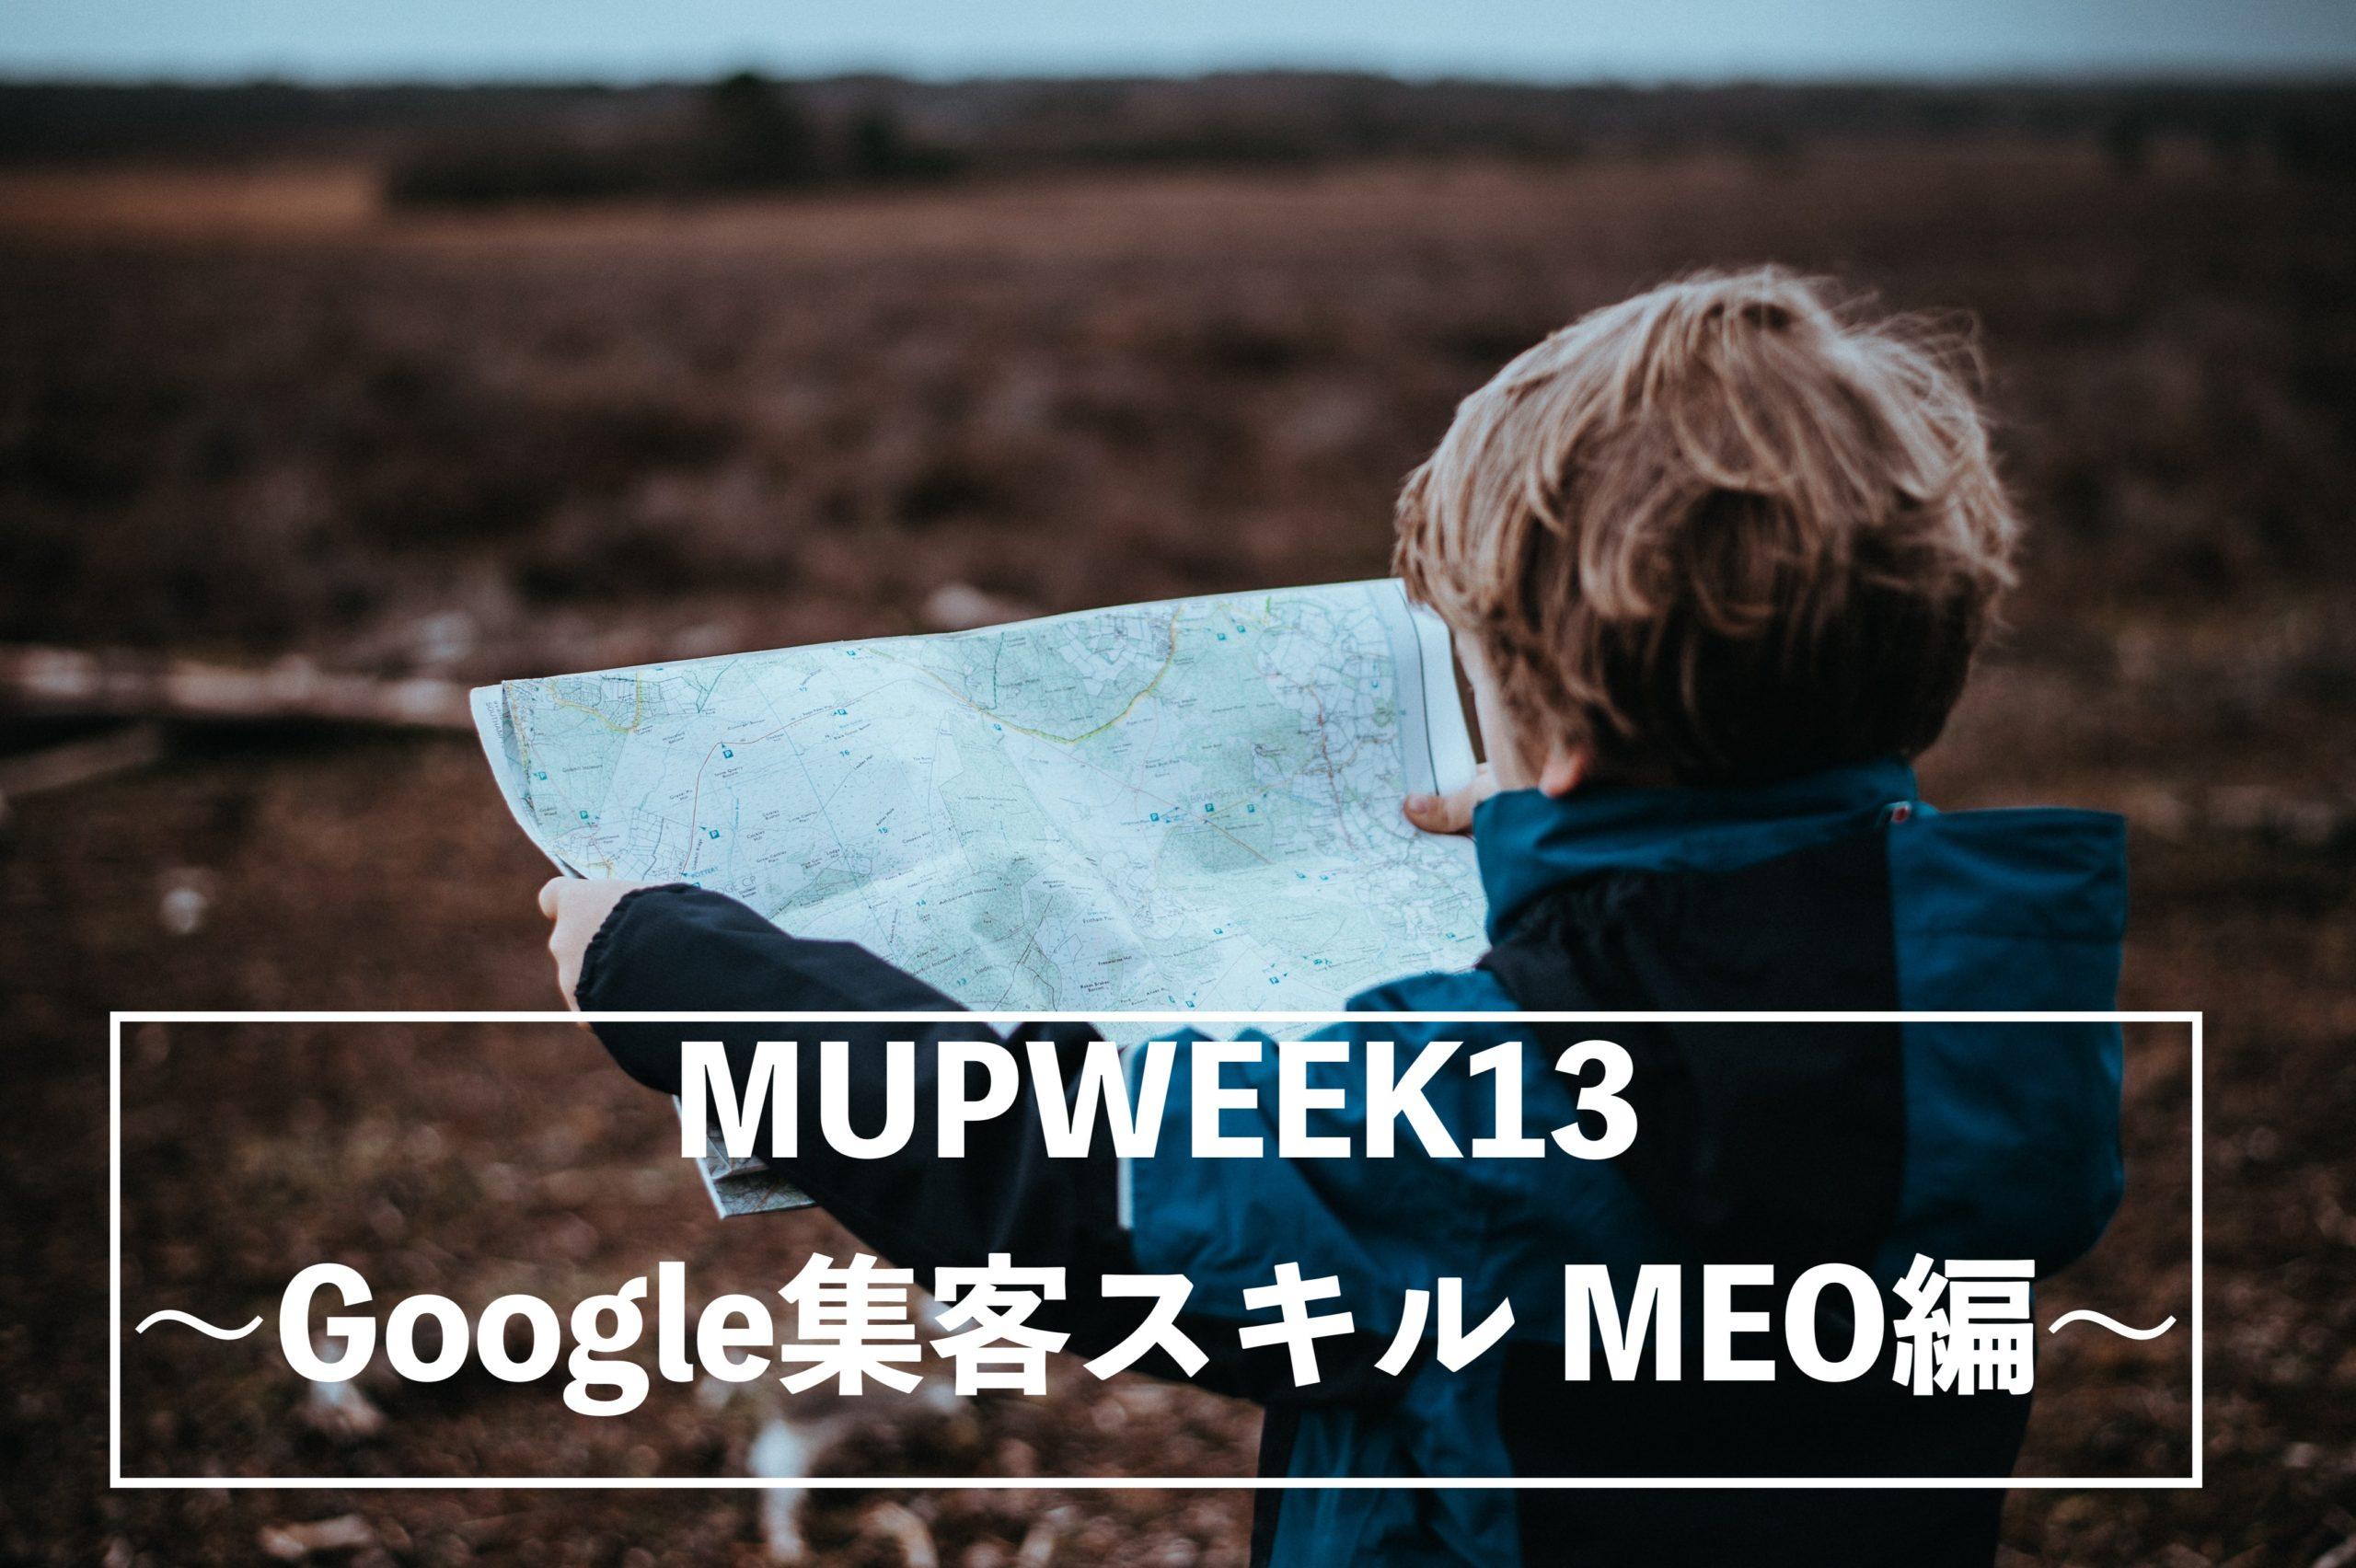 MUPWEEK13 GoogleMEO編〜